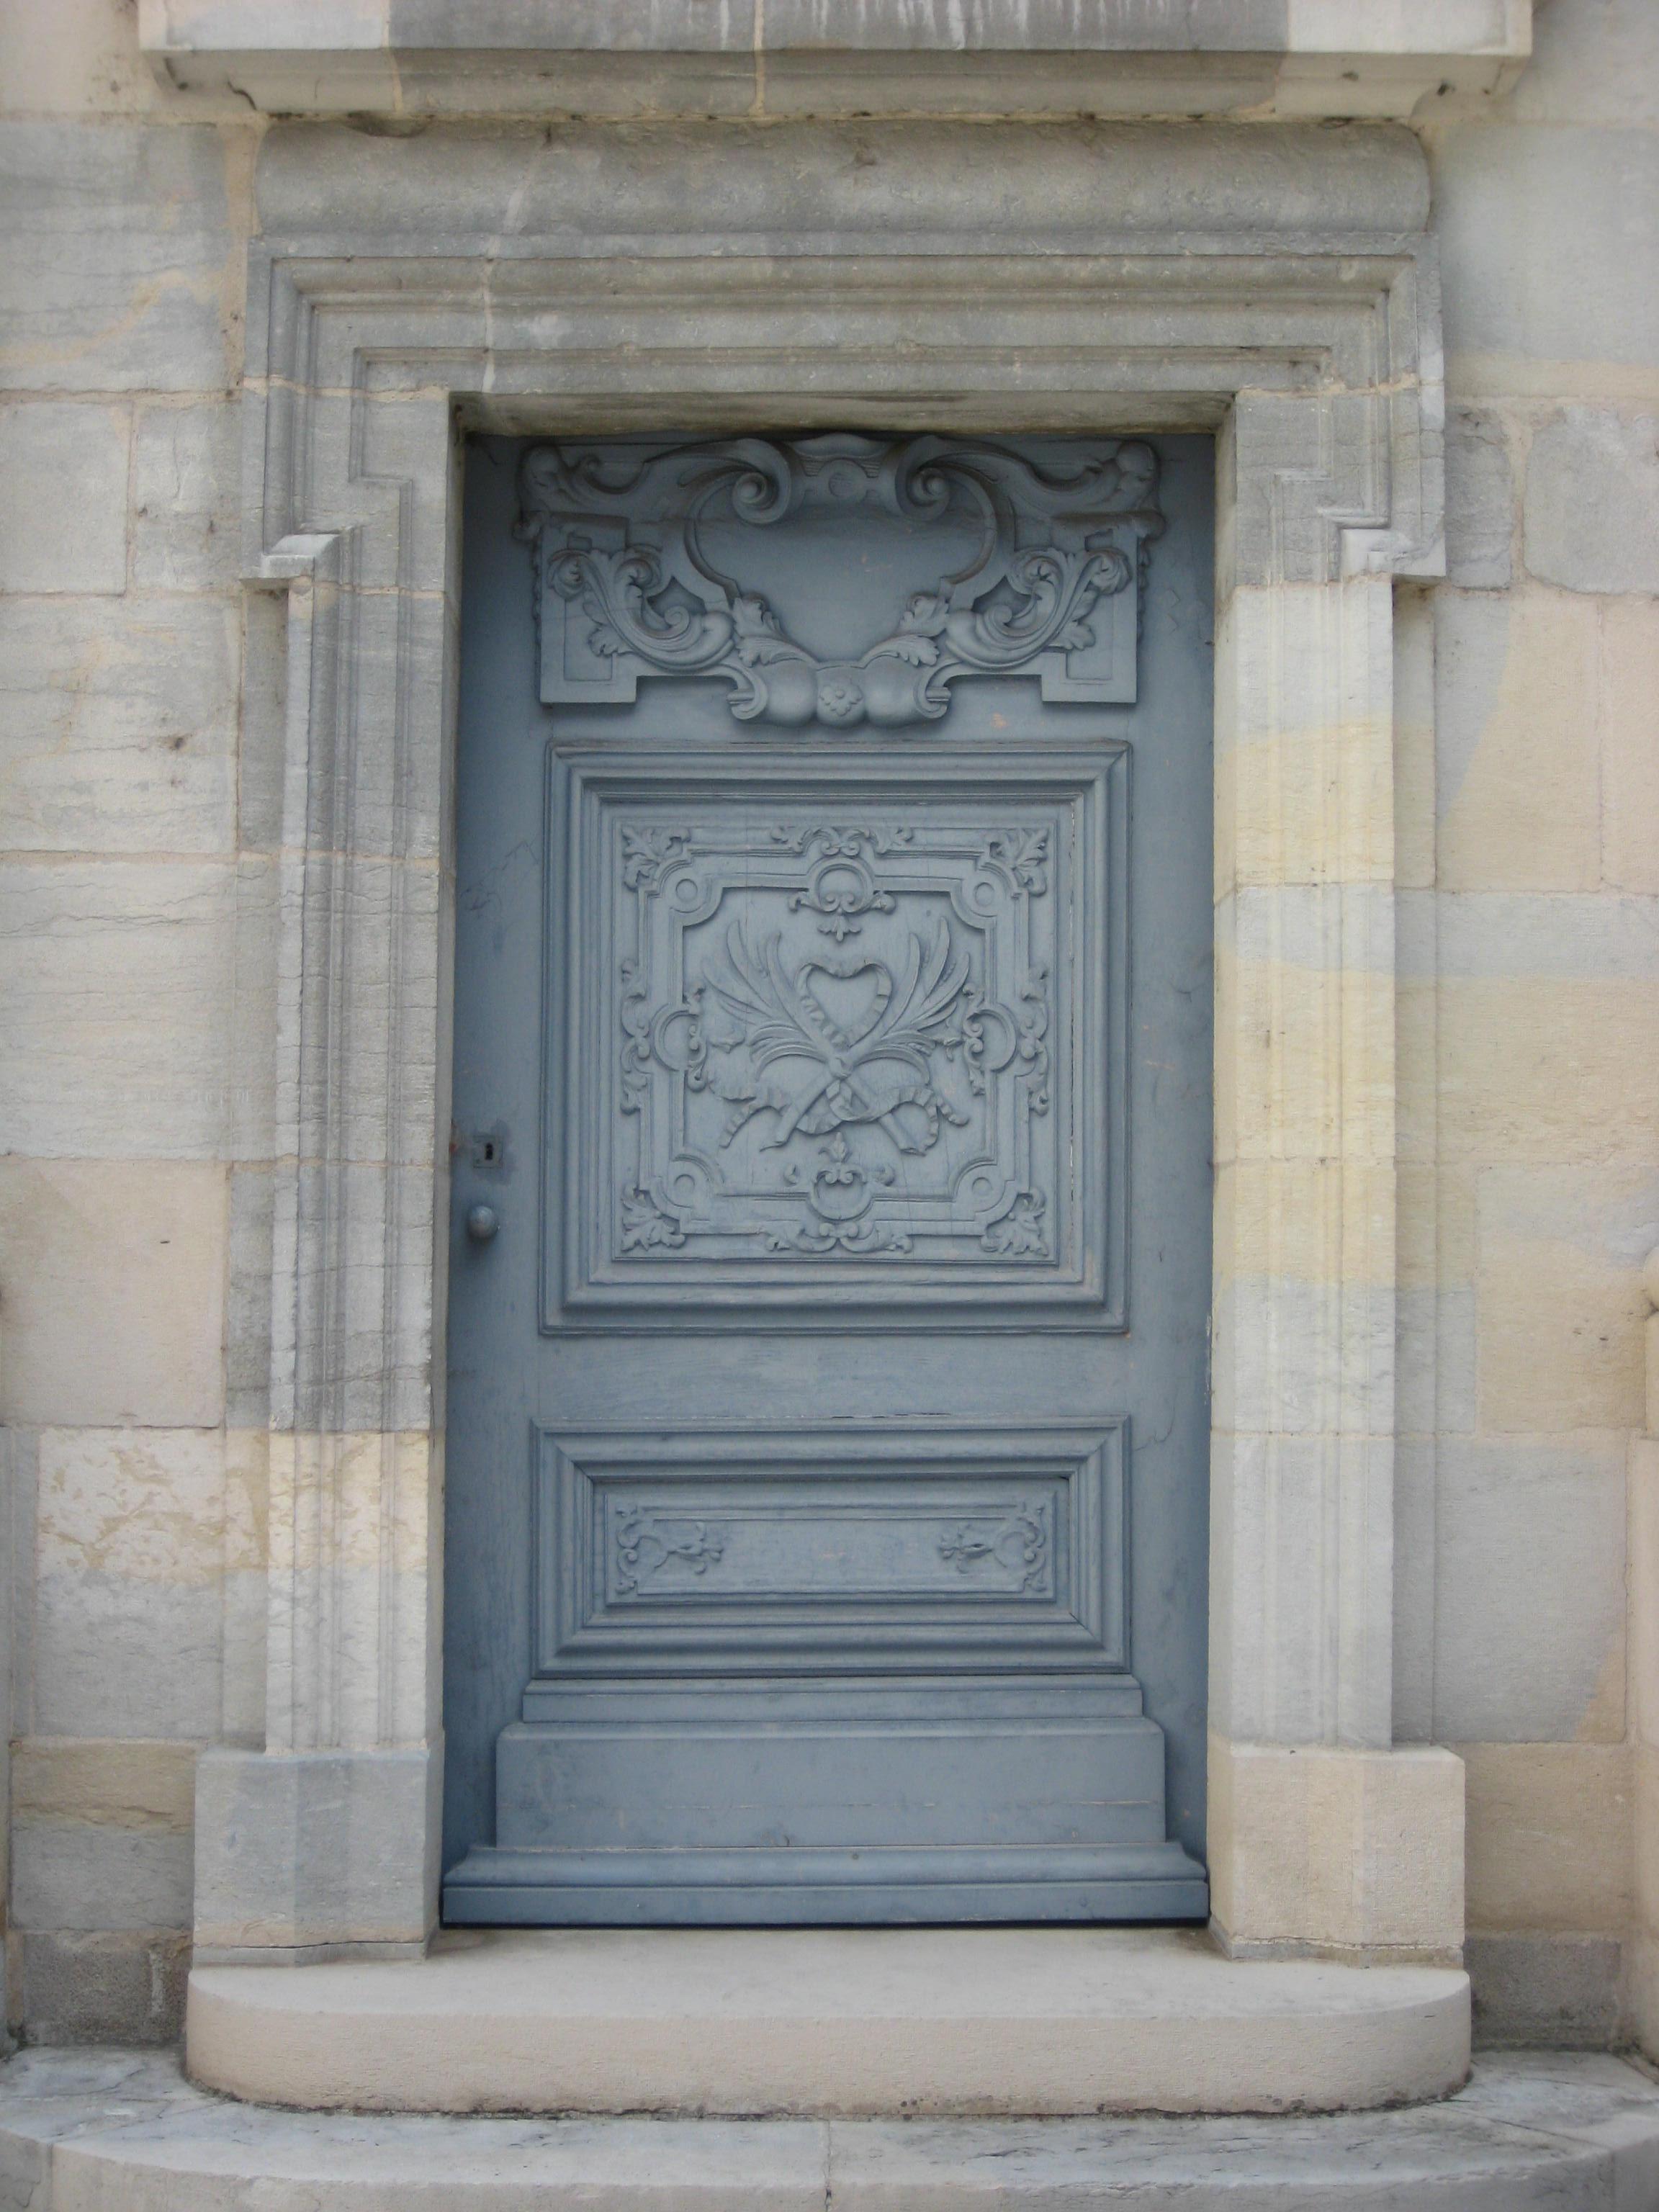 When is a door not a door?